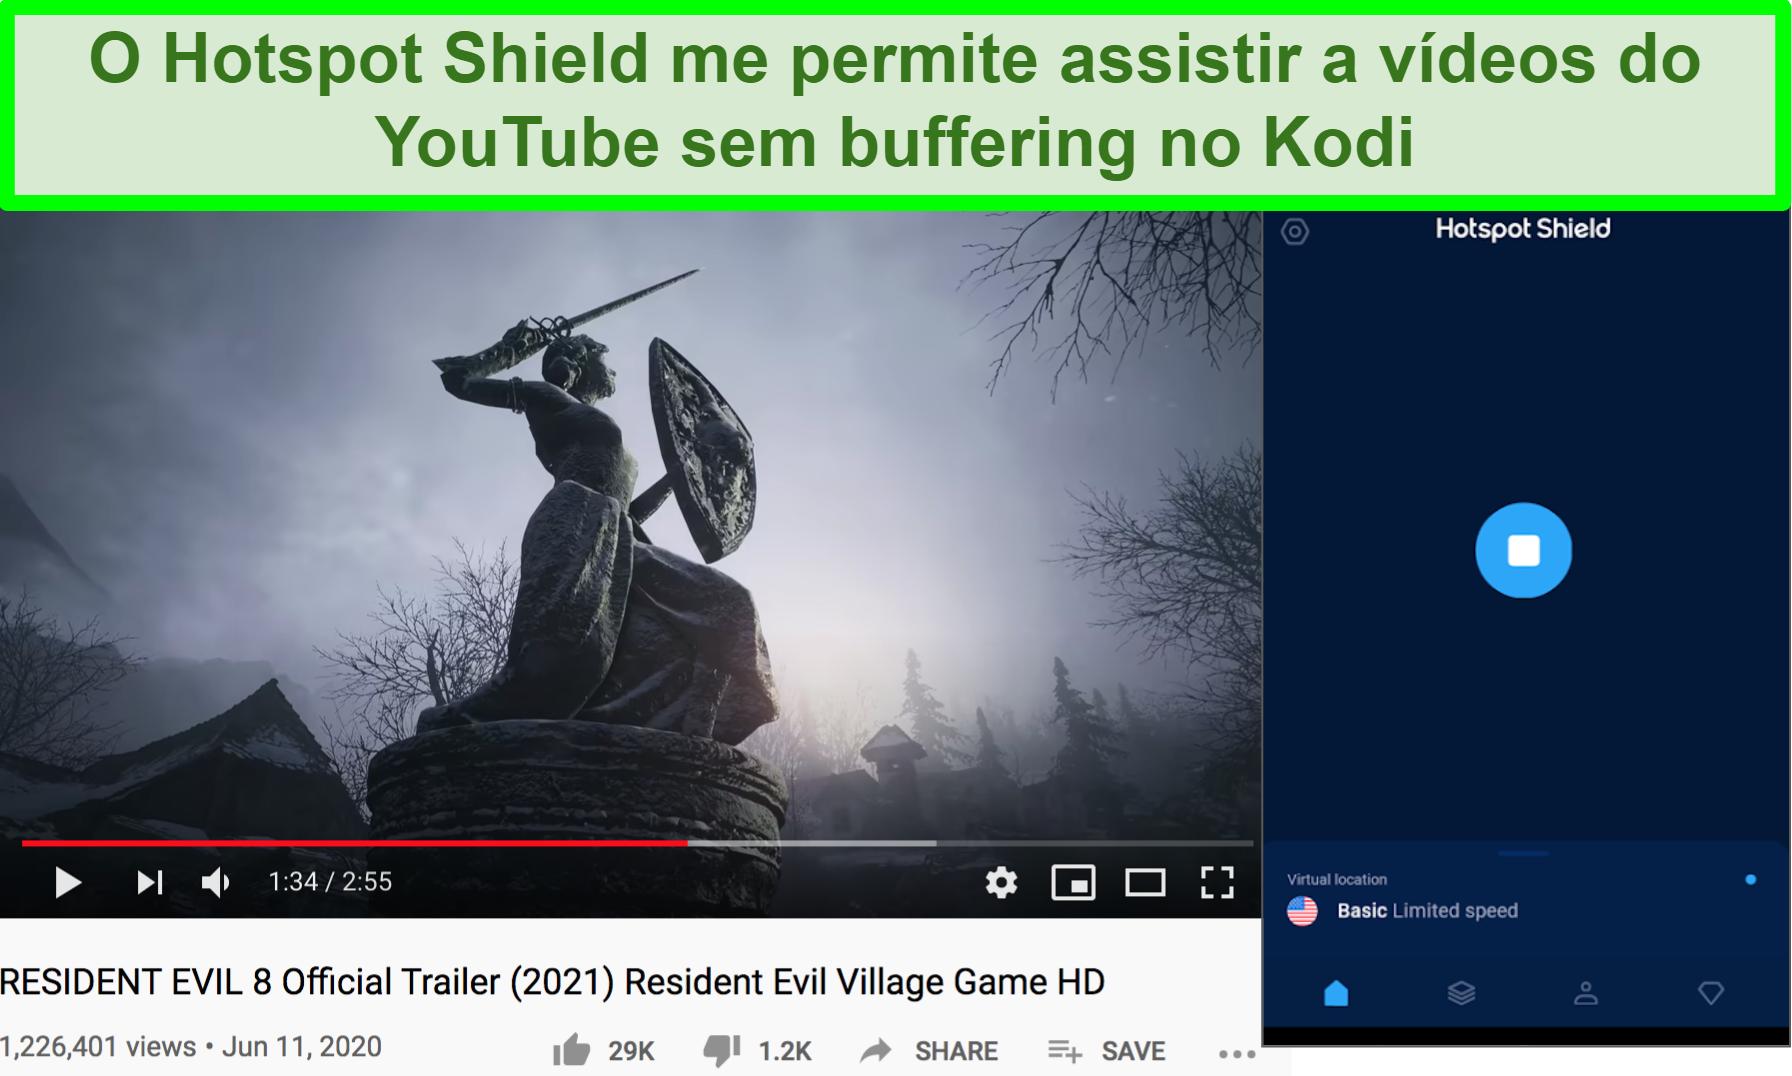 Captura de tela do escudo de ponto de acesso ativado durante a transmissão de vídeo do YouTube de Resident Evil 8